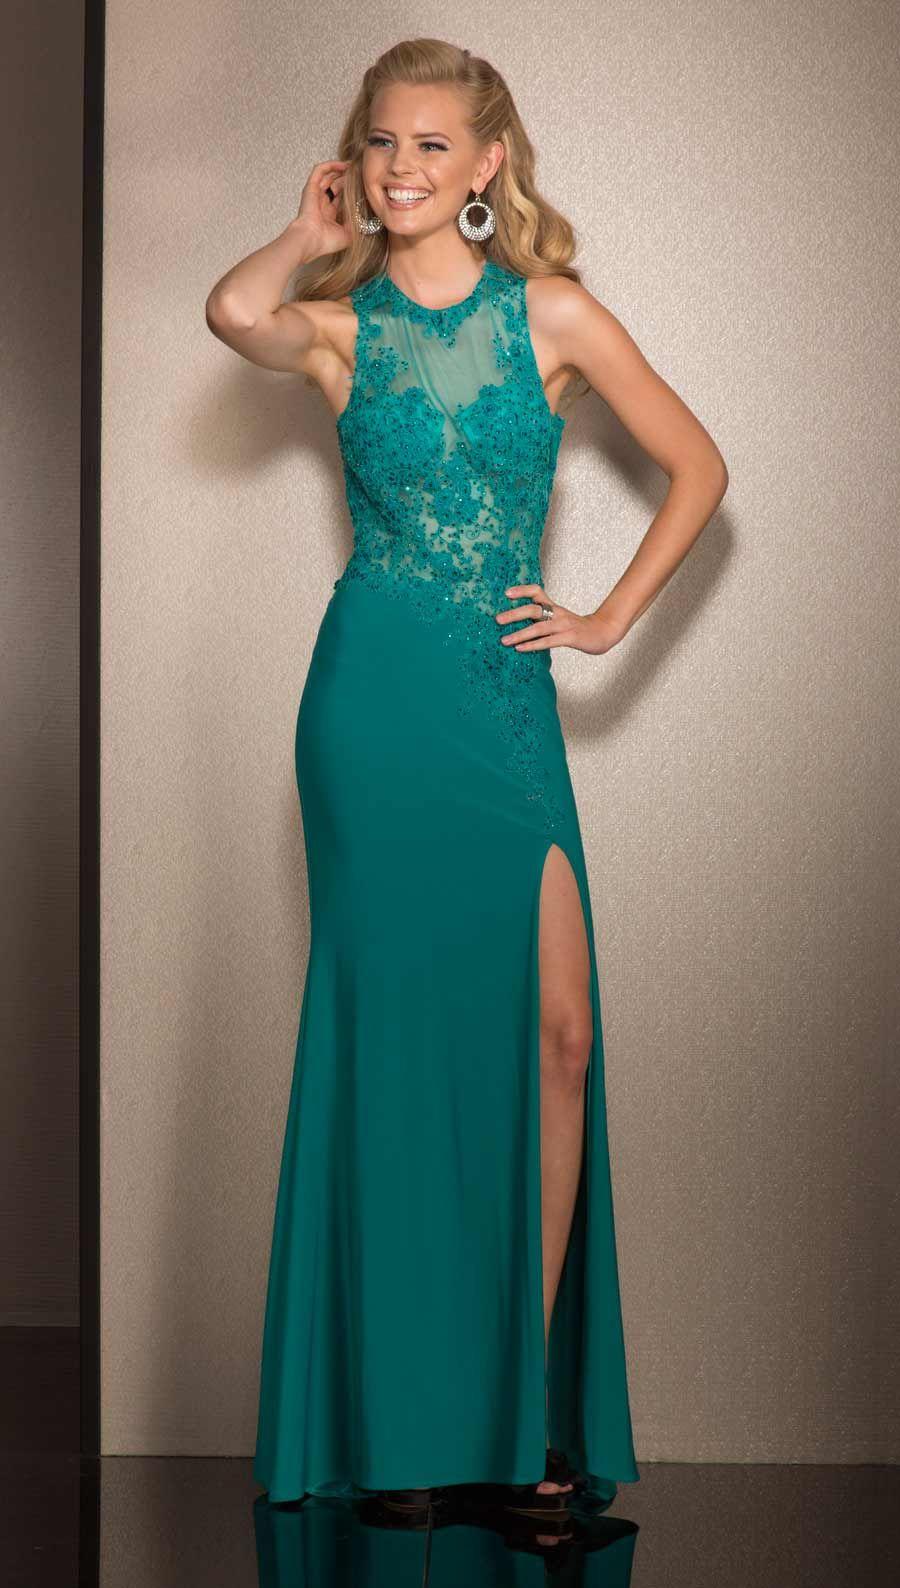 Clarisse Prom Dress 2503 Ivory or Jade | Promgirl.net | elbiseee ...